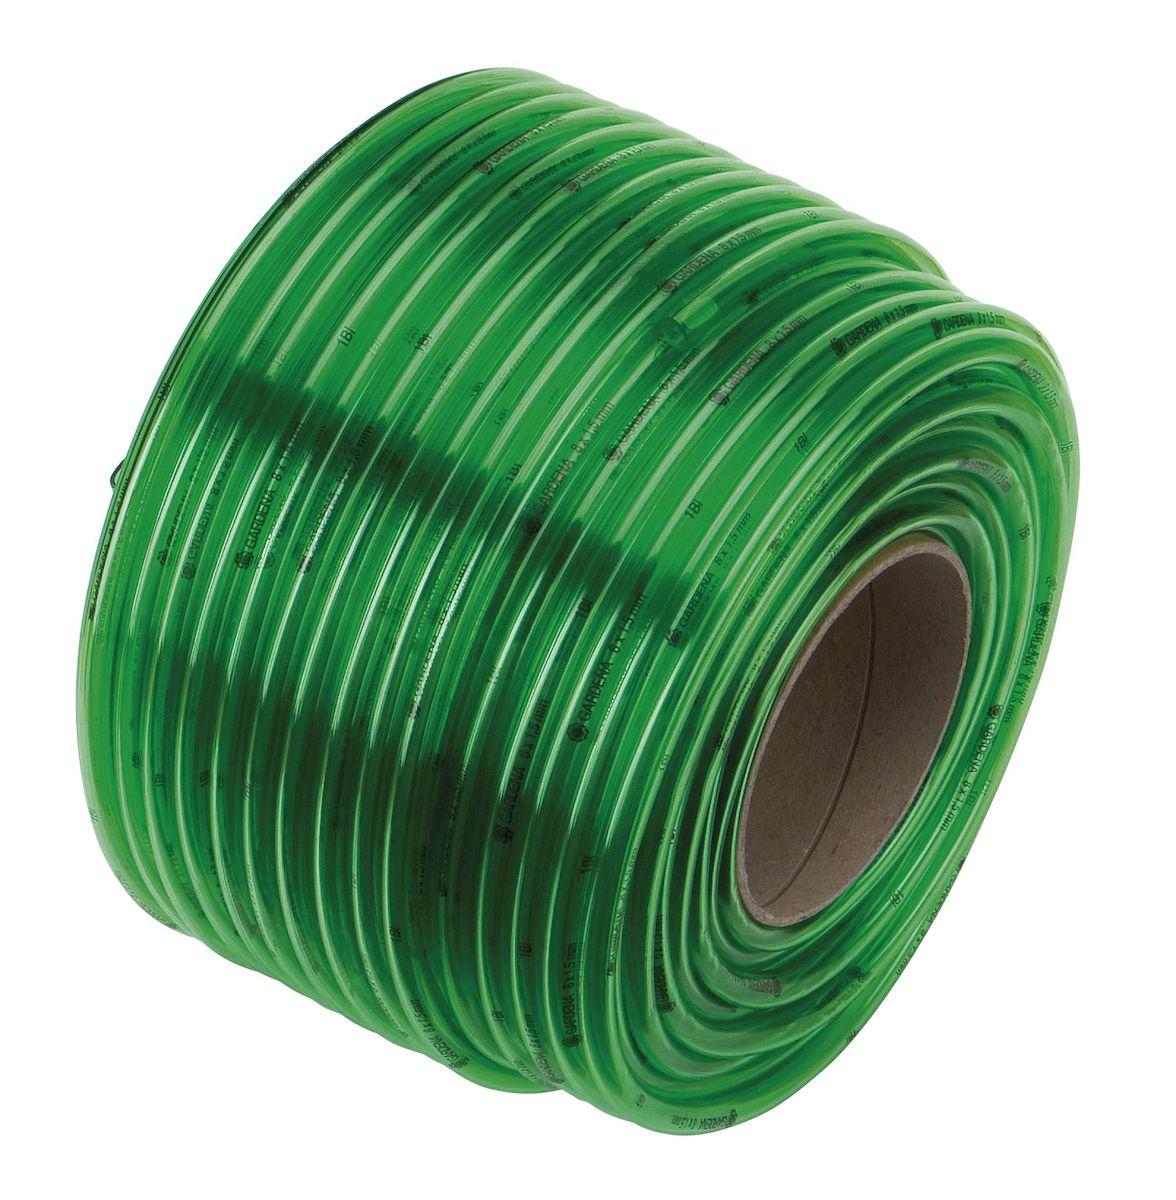 Gardena Шланг прозрачный зеленый 10х2 мм x 1 м (в бухте 50 м)